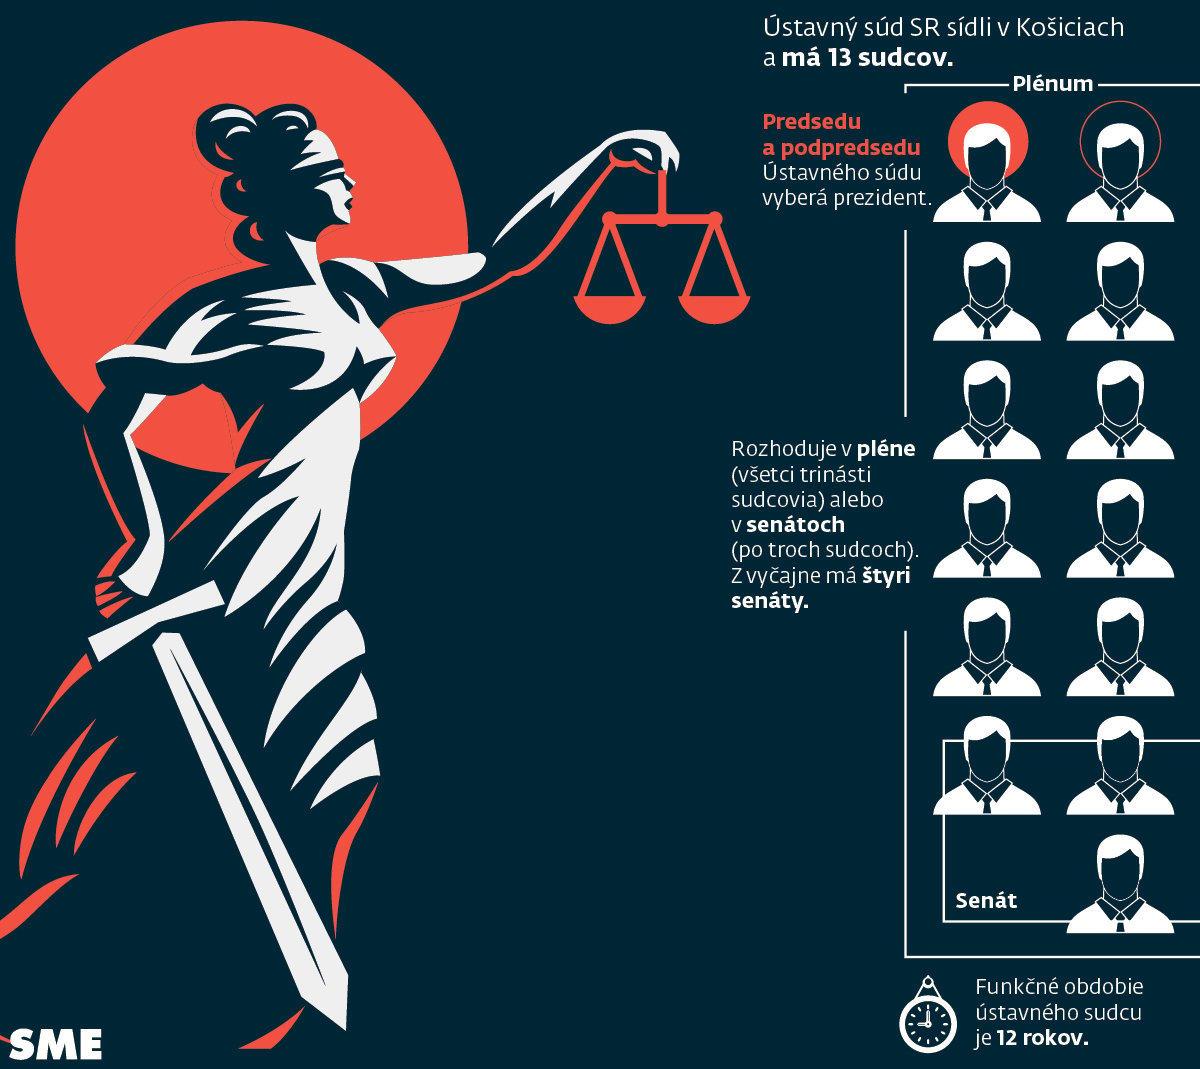 Zloženie ústavného súdu